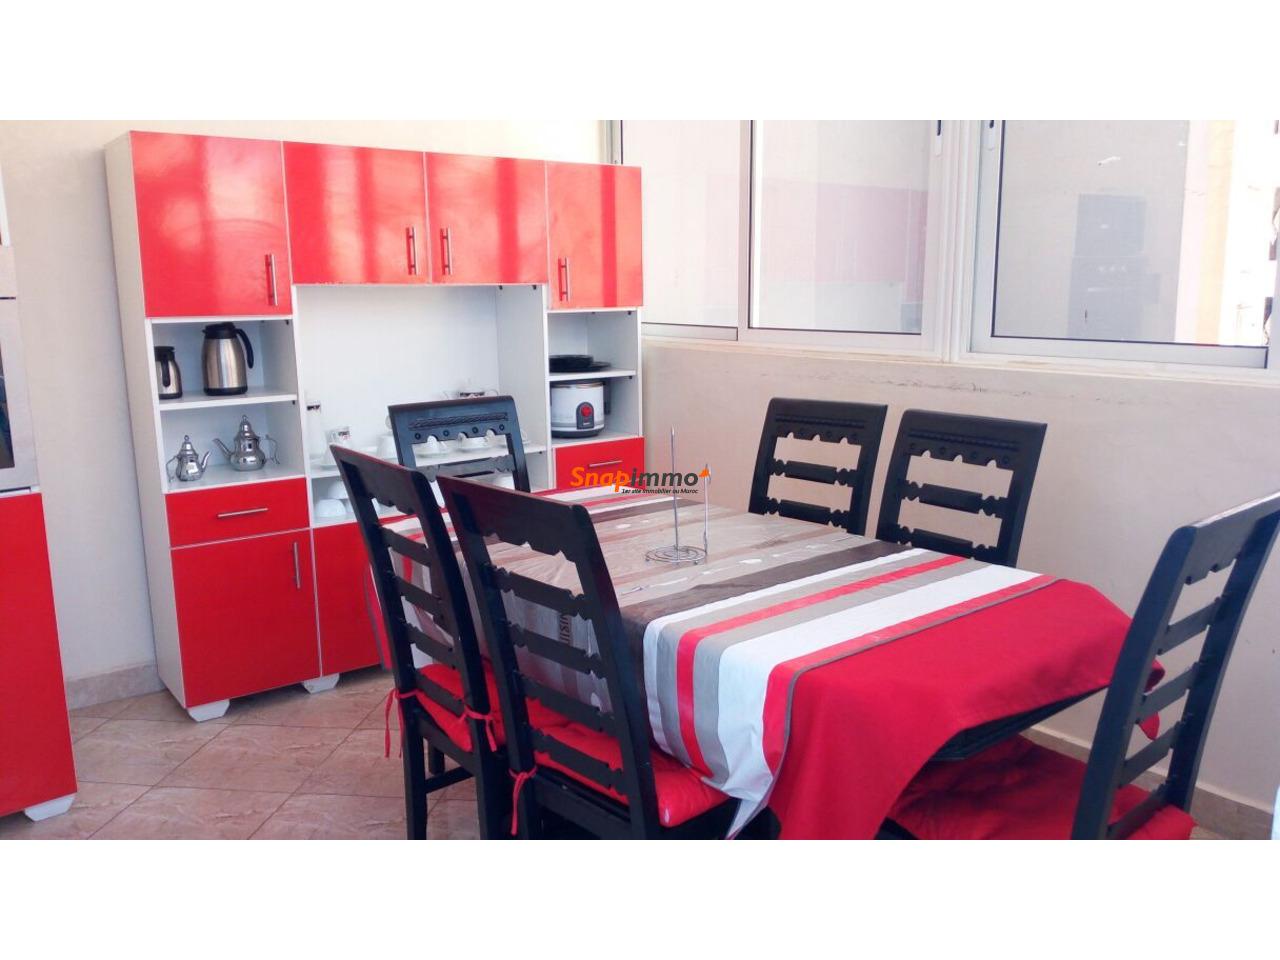 Appartement meublé à louer au centre vil - 2/3